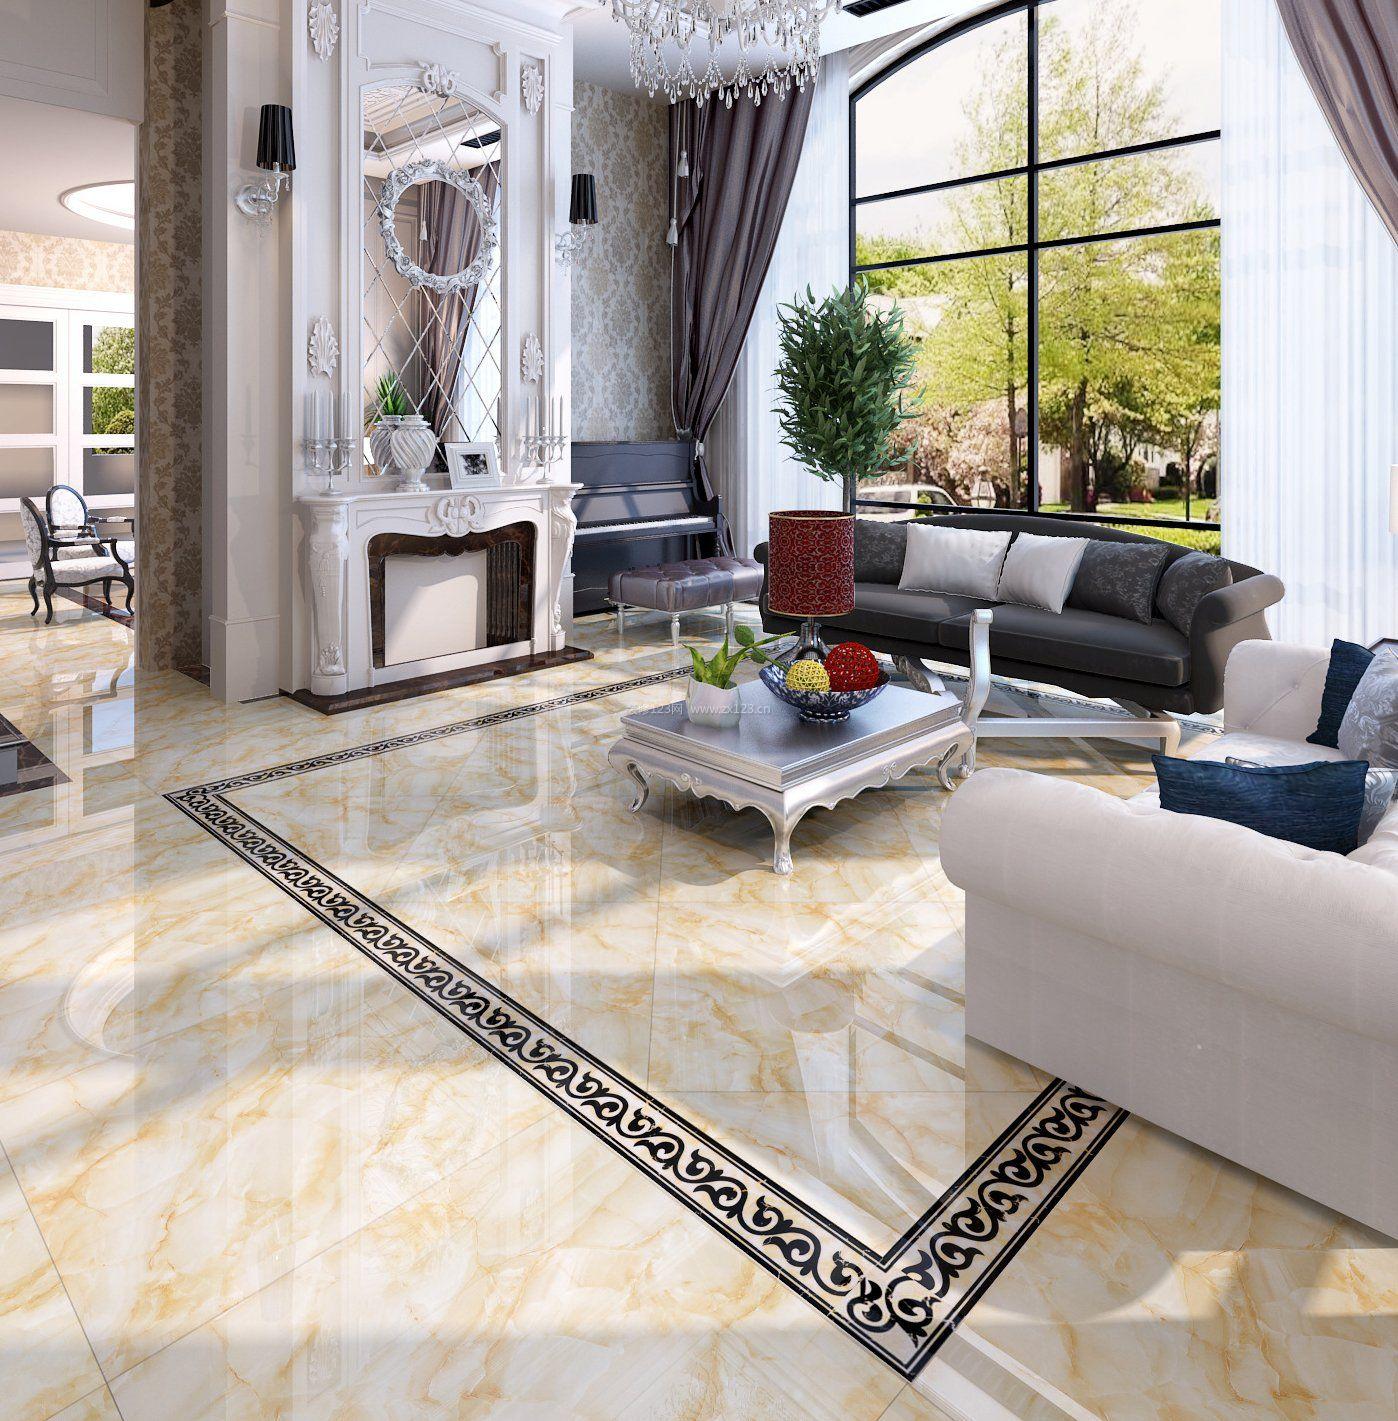 家居客厅地面瓷砖装修效果图欣赏图片